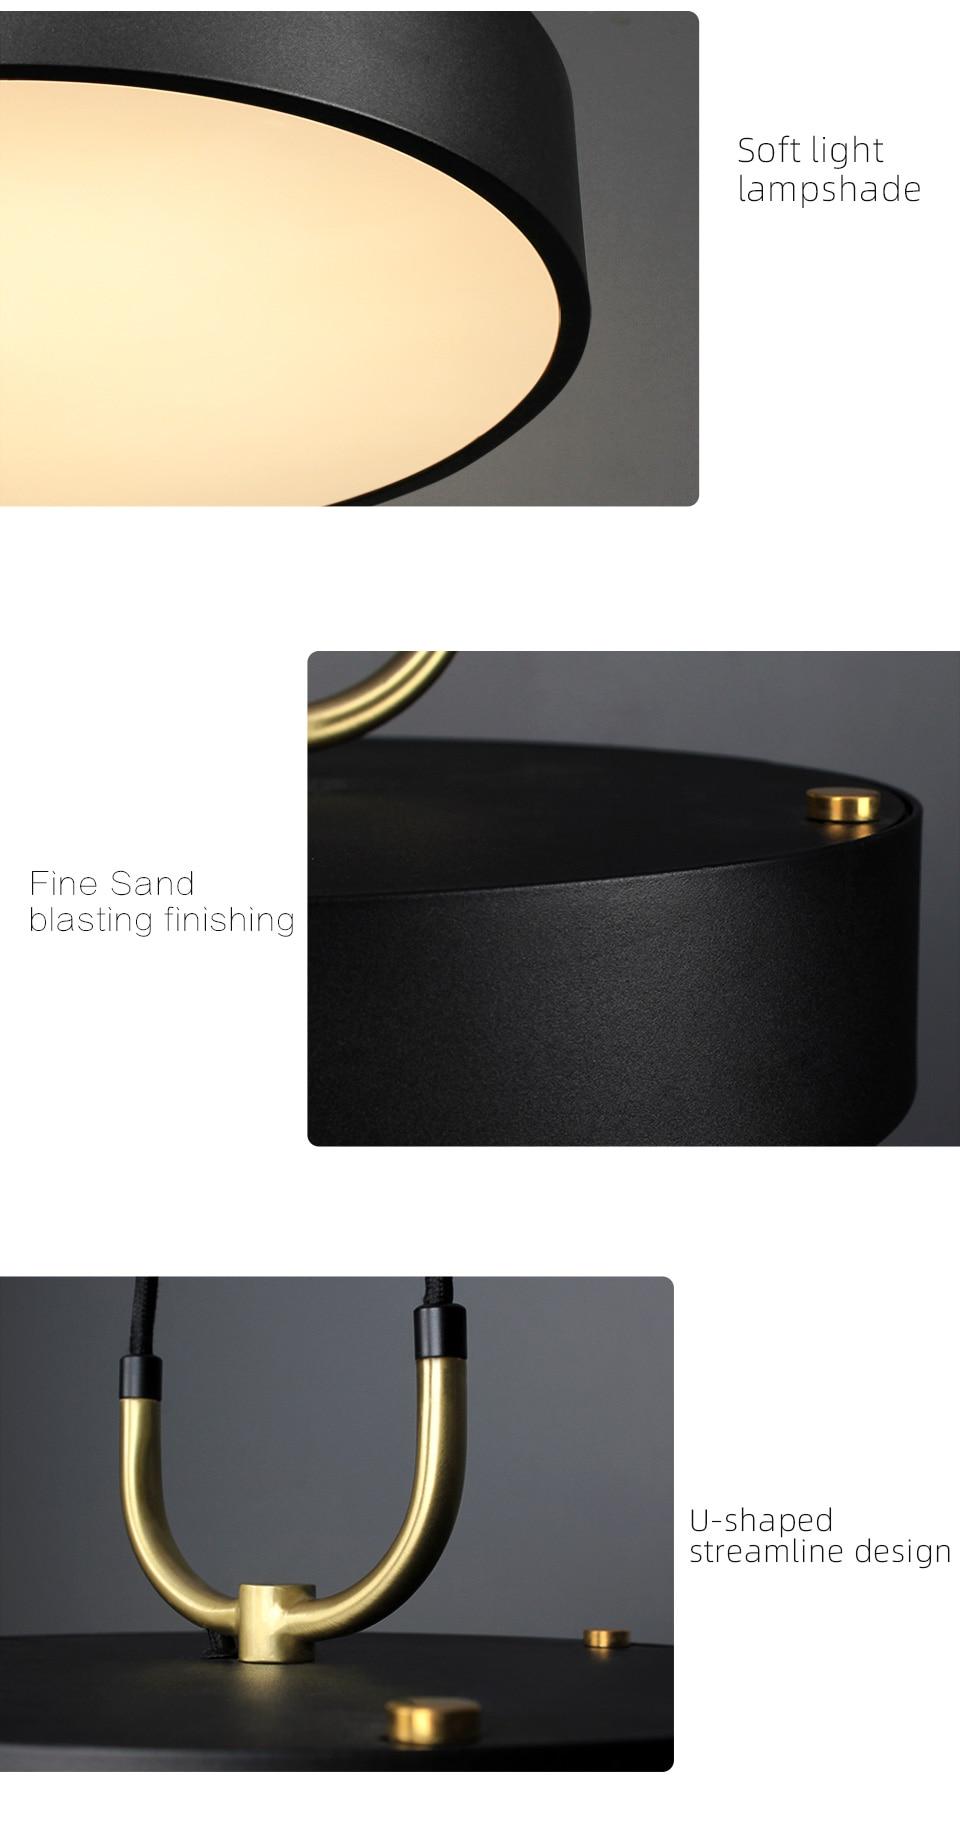 Radiant Minimalist Pendant Lamp details